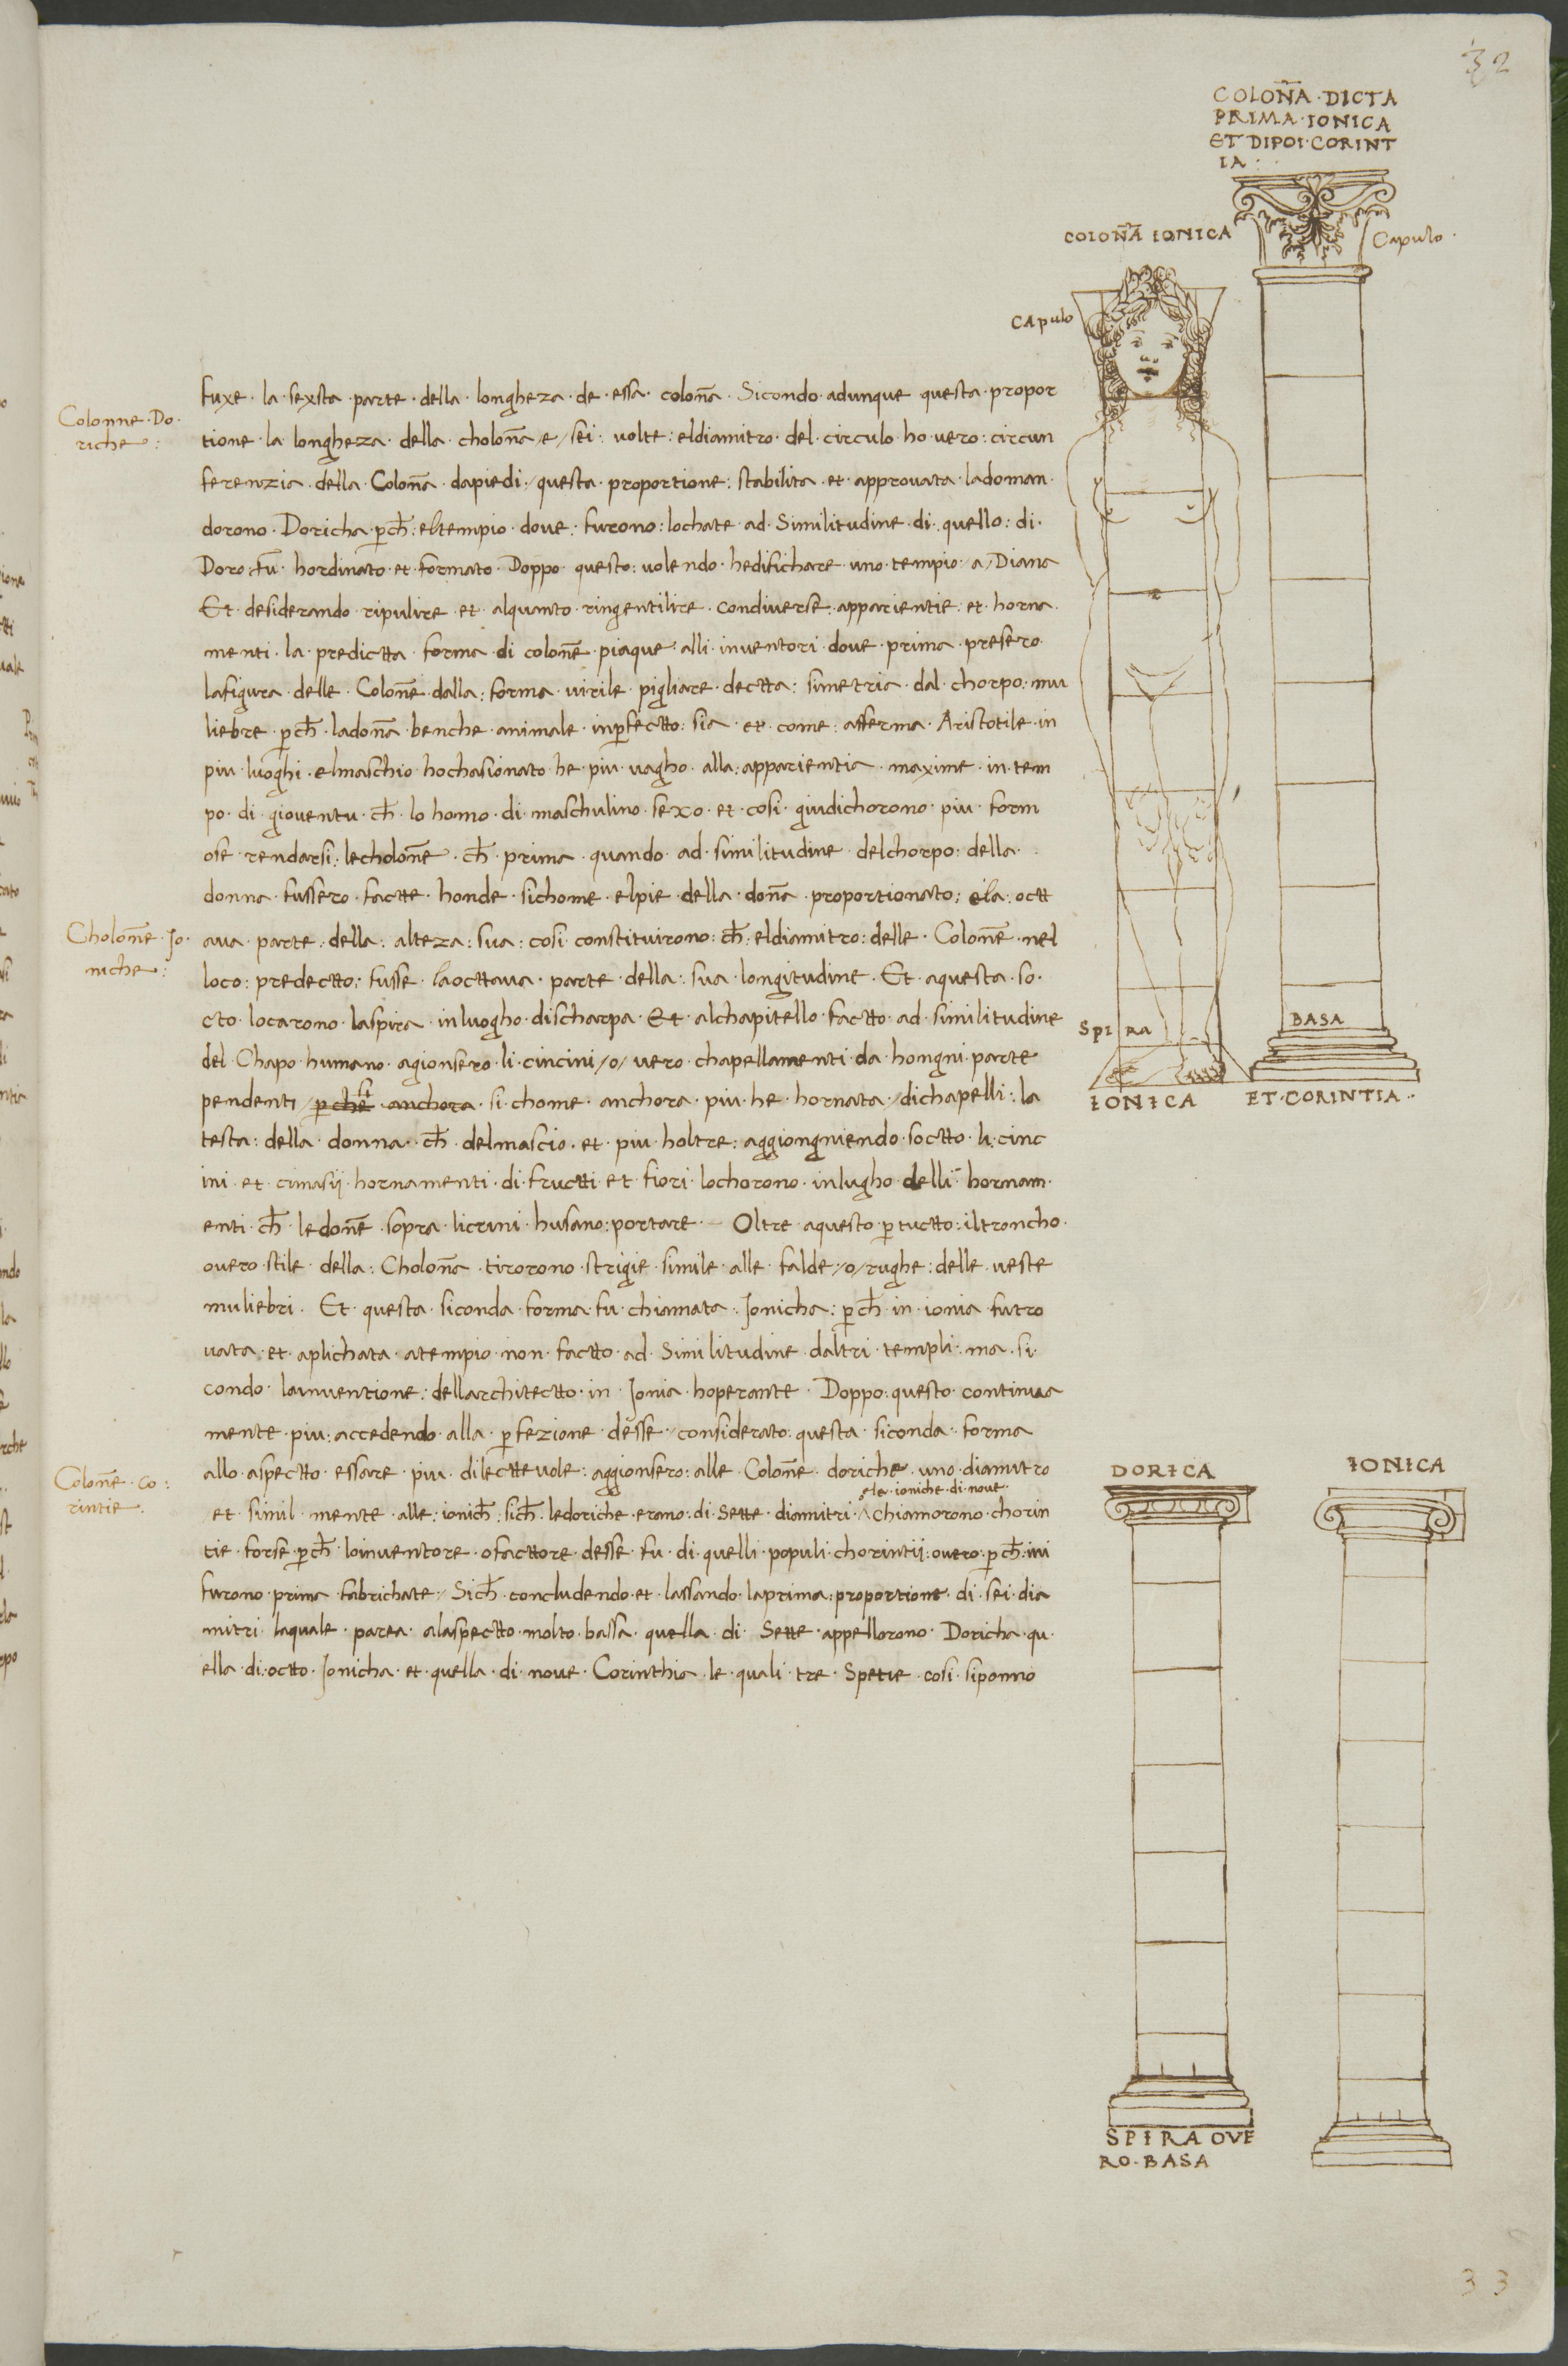 La bibliografia dei manoscritti del Fondo Nazionale in Manus OnLine